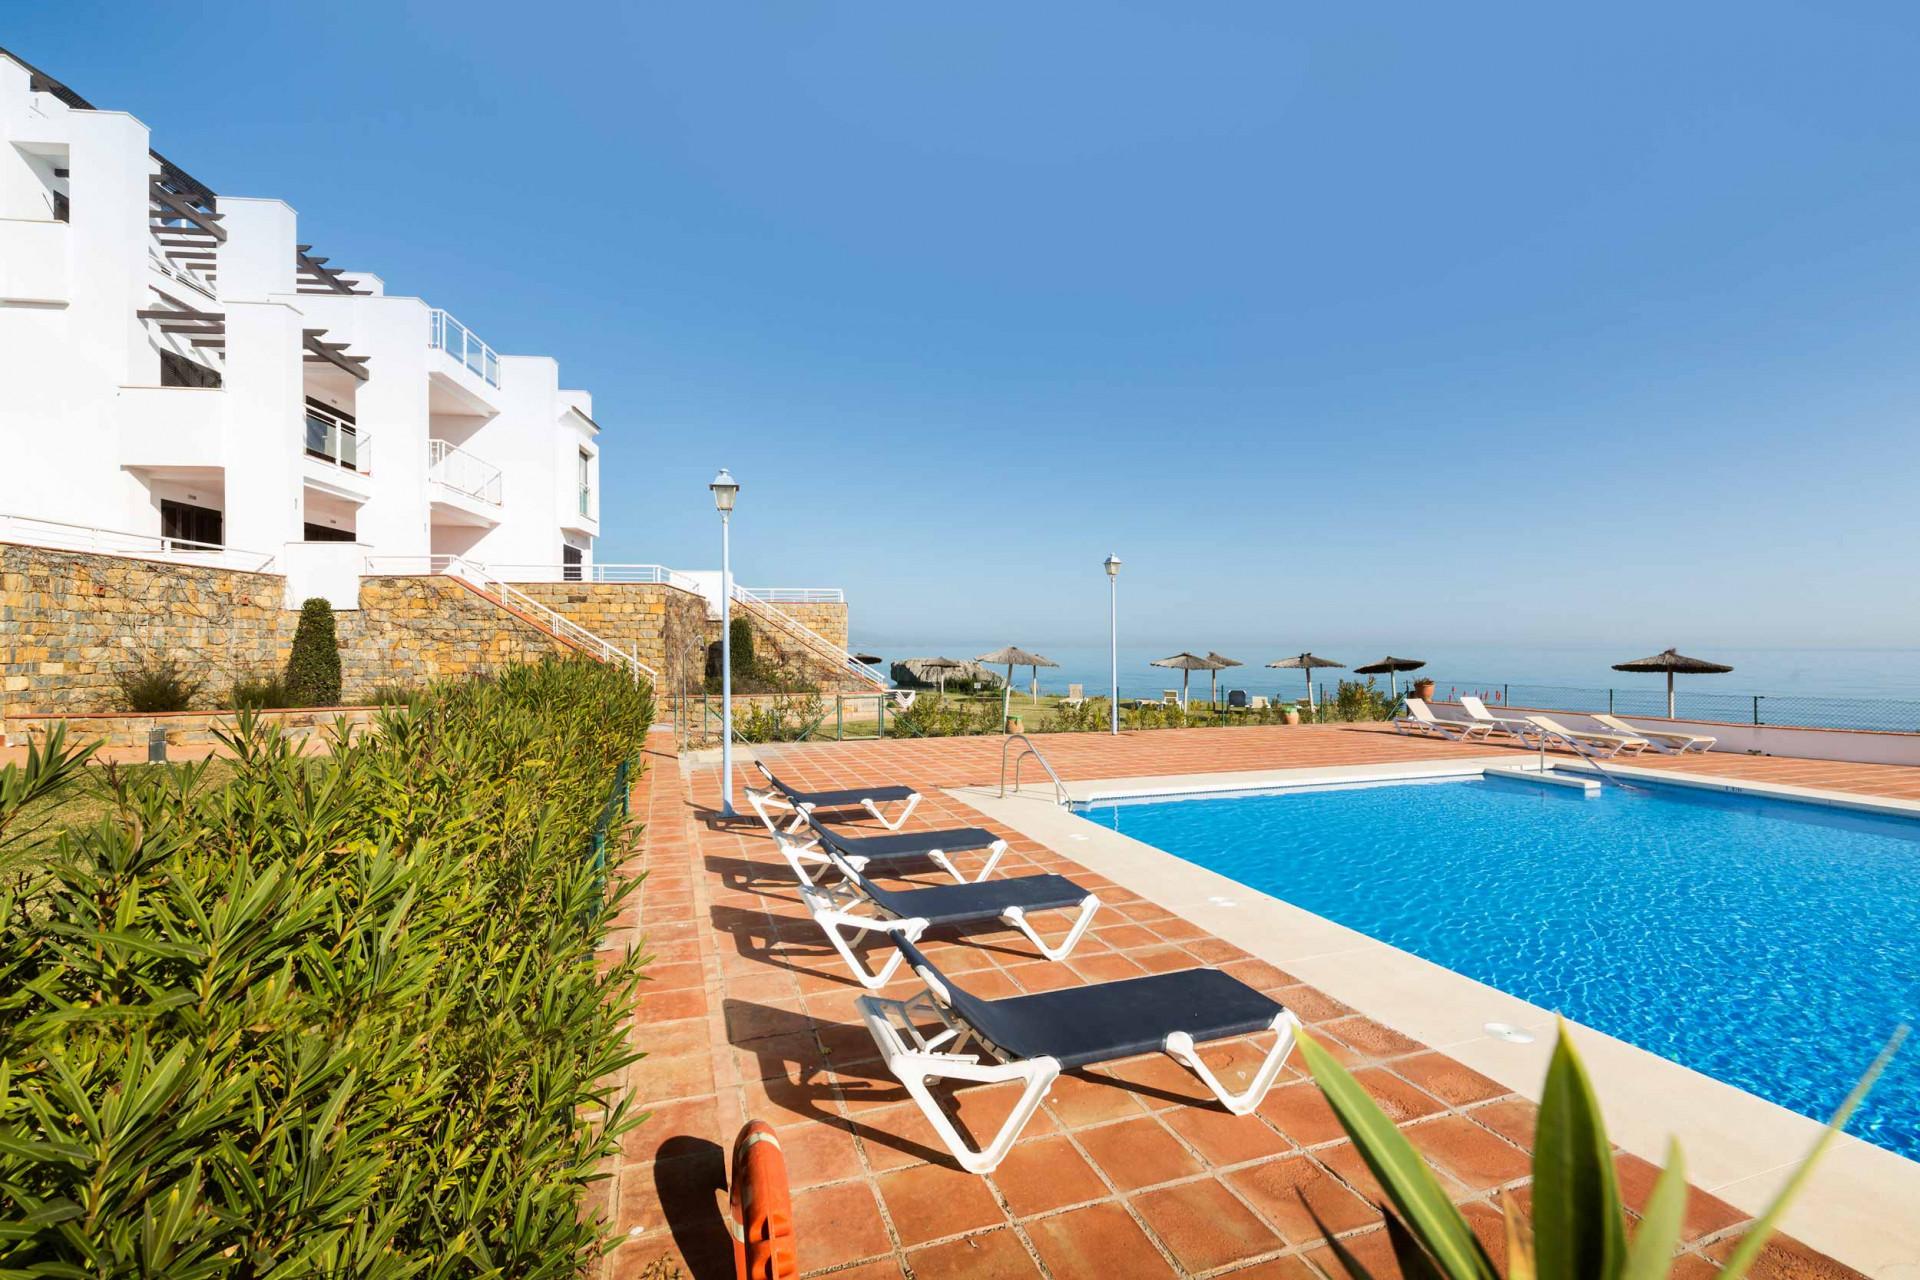 Moderno apartamento en primera línea de playa en venta, Casares